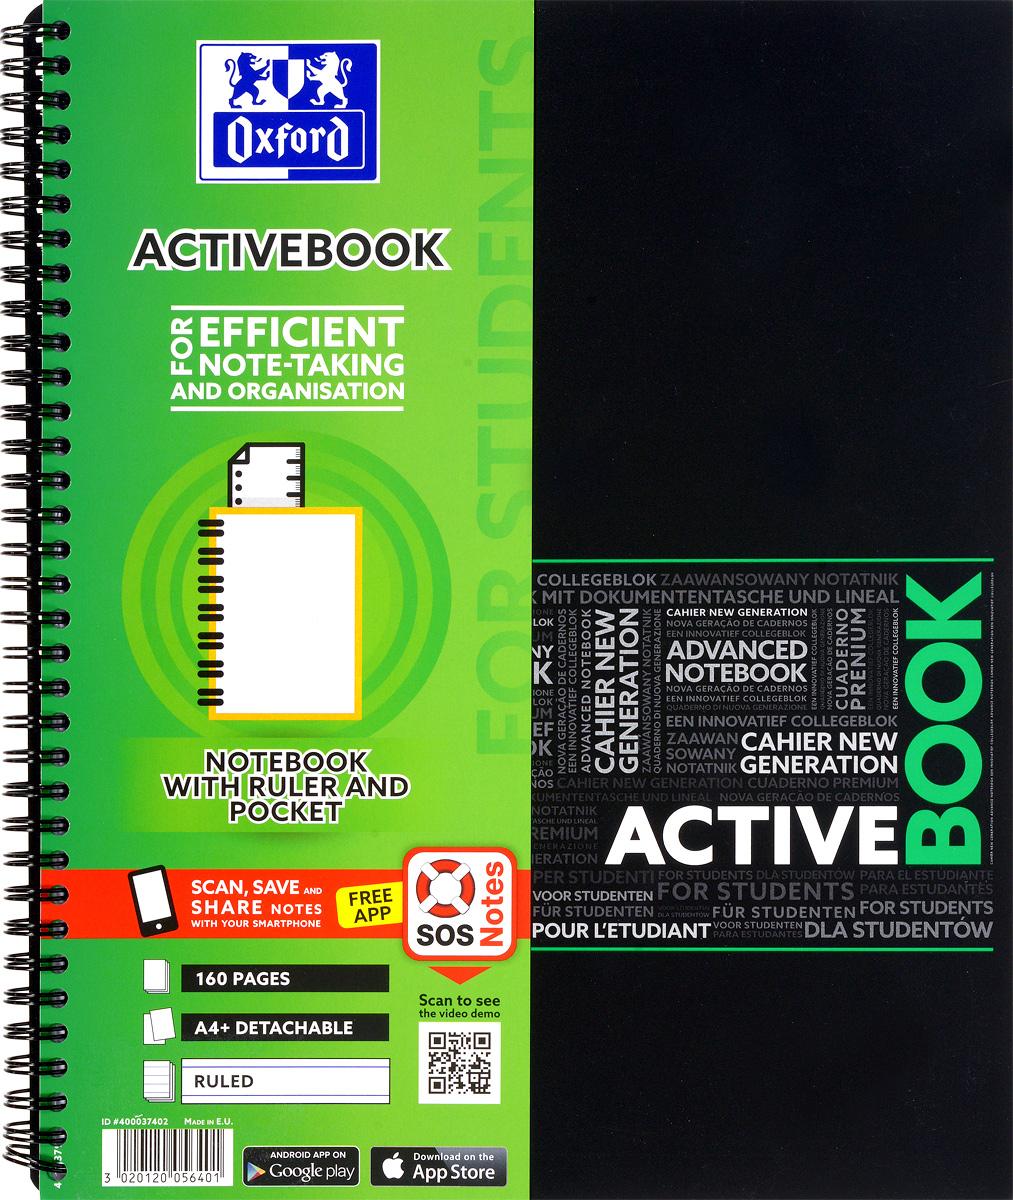 Oxford Тетрадь Sos Notes Activebook 80 листов в линейку цвет зеленый400037402,291405Красивая и практичная тетрадь Oxford Sos Notes Activebook отлично подойдет для ведения и хранения заметок. Тетрадь формата А4+ состоит из 80 листов белой бумаги и четкой яркой линовкой в линейку. Обложка тетради выполнена из плотного пластика зеленого и черного цвета. Все ваши записи и заметки всегда будут в безопасности, т.к тетрадь основана на двойной металлической спирали. Также тетрадь имеет закругленные и благодаря специальным меткам на каждой странице и бесплатному приложению SOS Notes для вашего телефона или планшета, вы сможете всегда легко перенести ваши записи и зарисовки с бумажной страницы в смартфон или на компьютер. Это прекрасное сочетание тетради и органайзера так как включает в себя внутренний кармашек для хранения документов и закладку-линейку со справочной информацией.